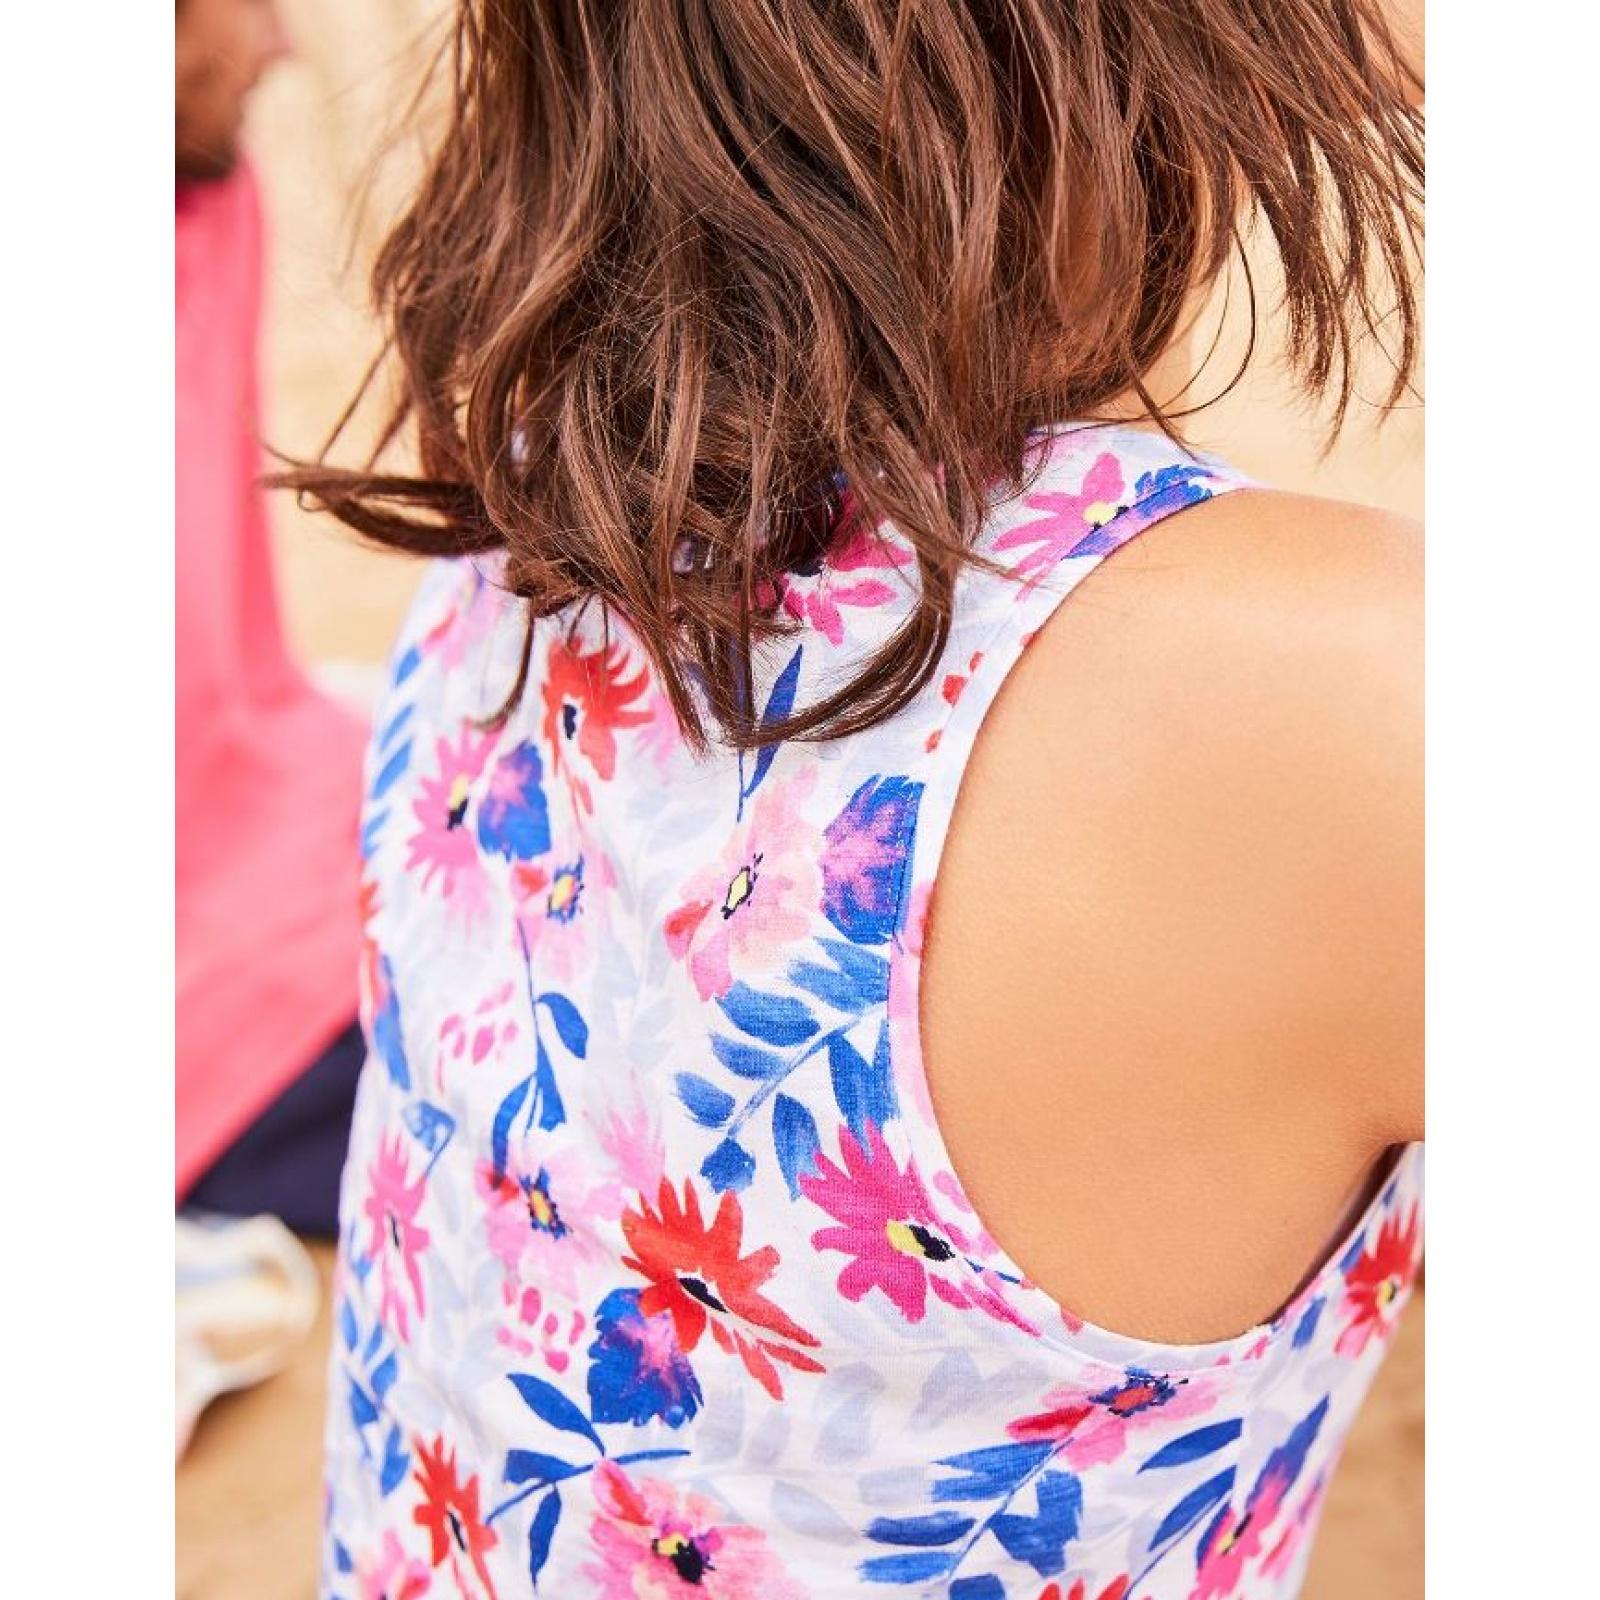 Joules-Bo-impresion-100-Algodon-Jersey-Chaleco-Top-Todos-Los-Colores miniatura 41